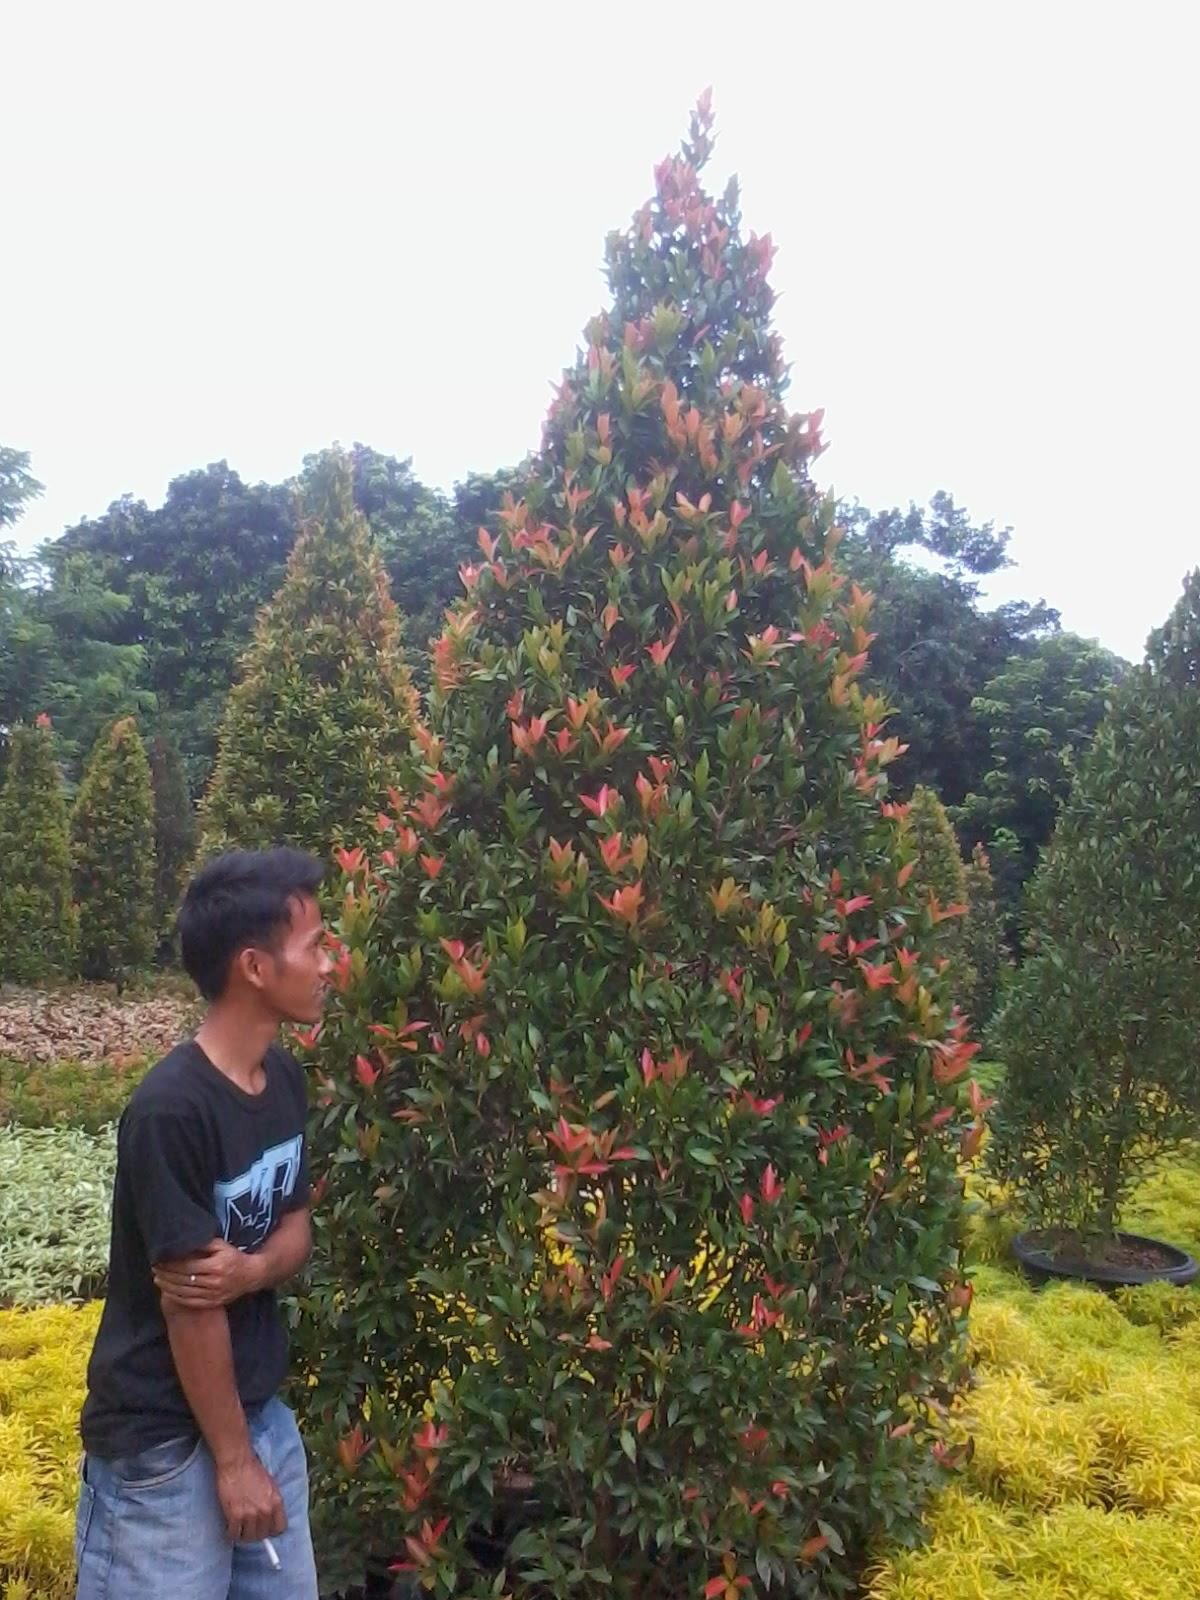 Pohon Ketapang Kencana | Pohon Pucuk Merah